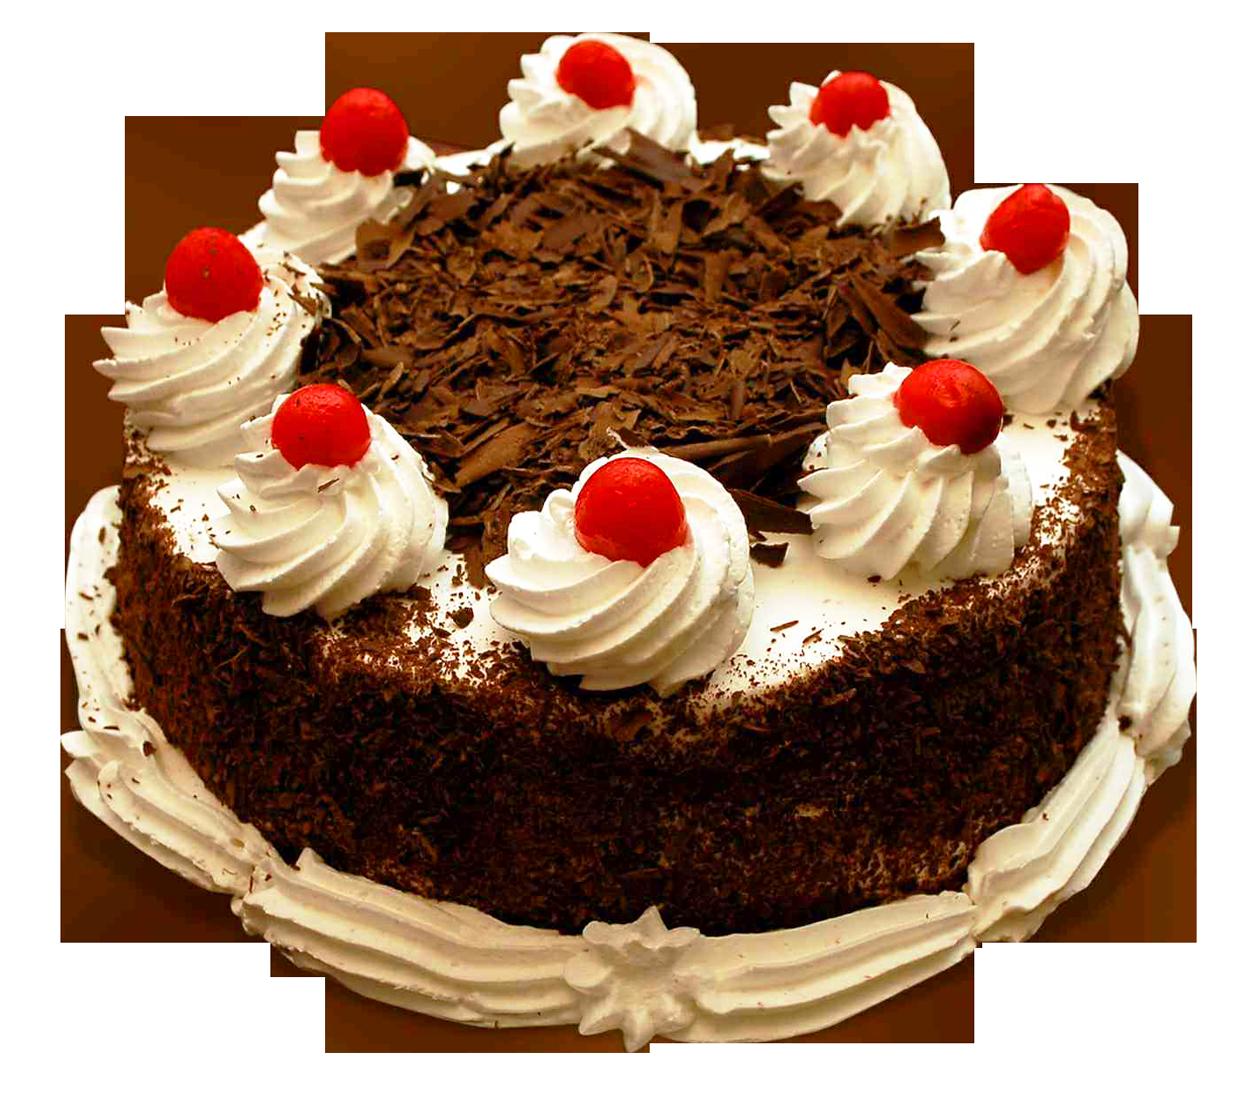 Birthday Cake PNG Image - Cake PNG